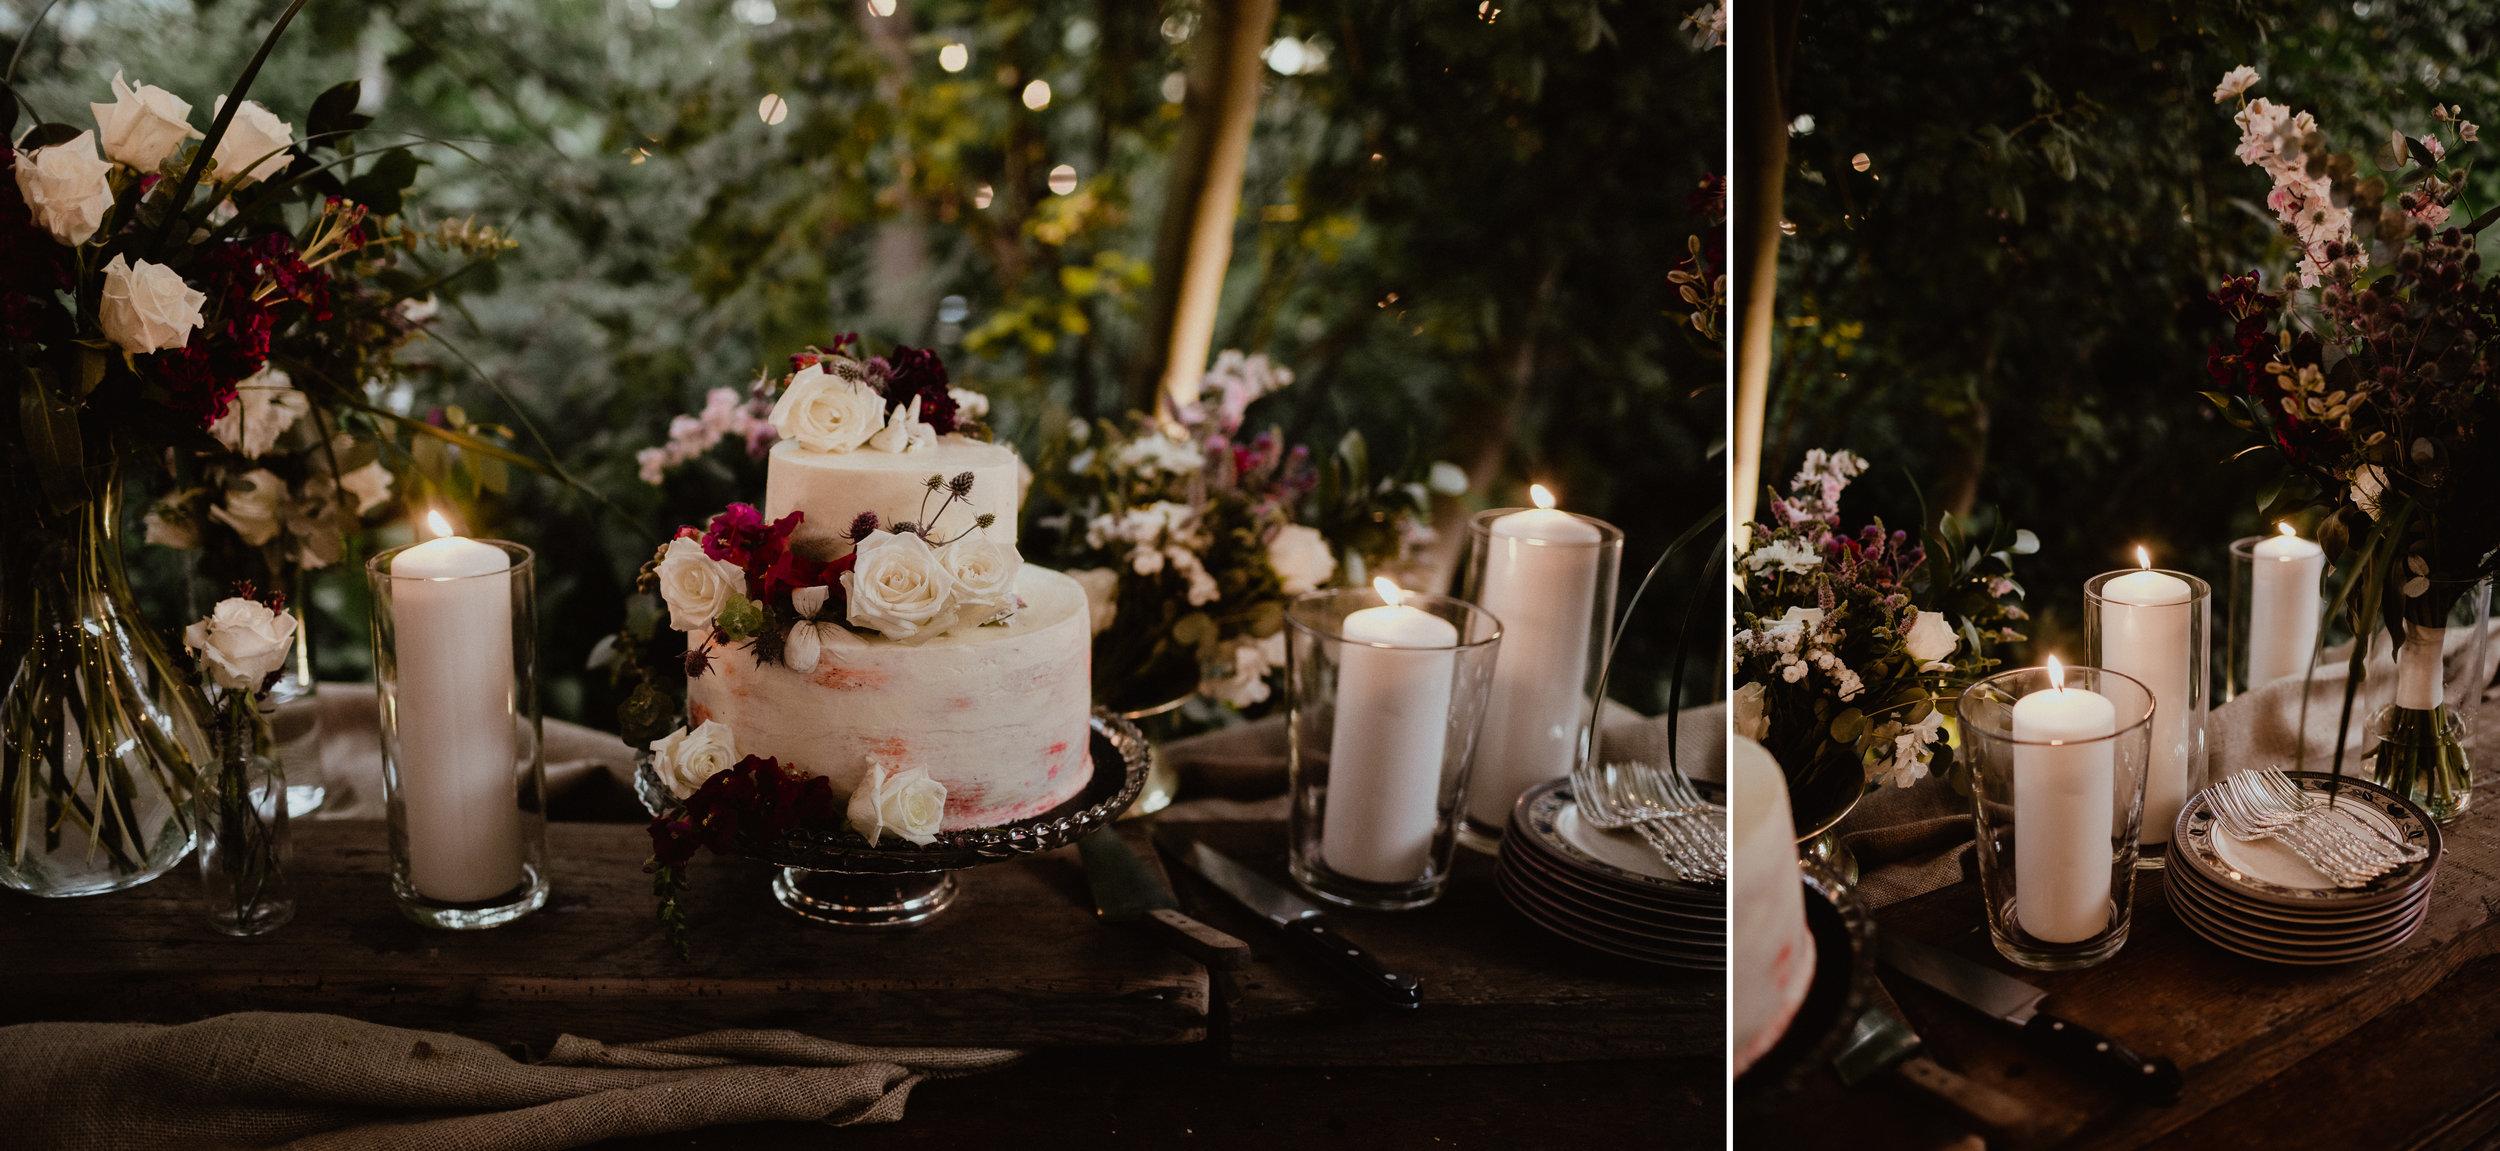 west-vancouver-backyard-wedding-265.jpg